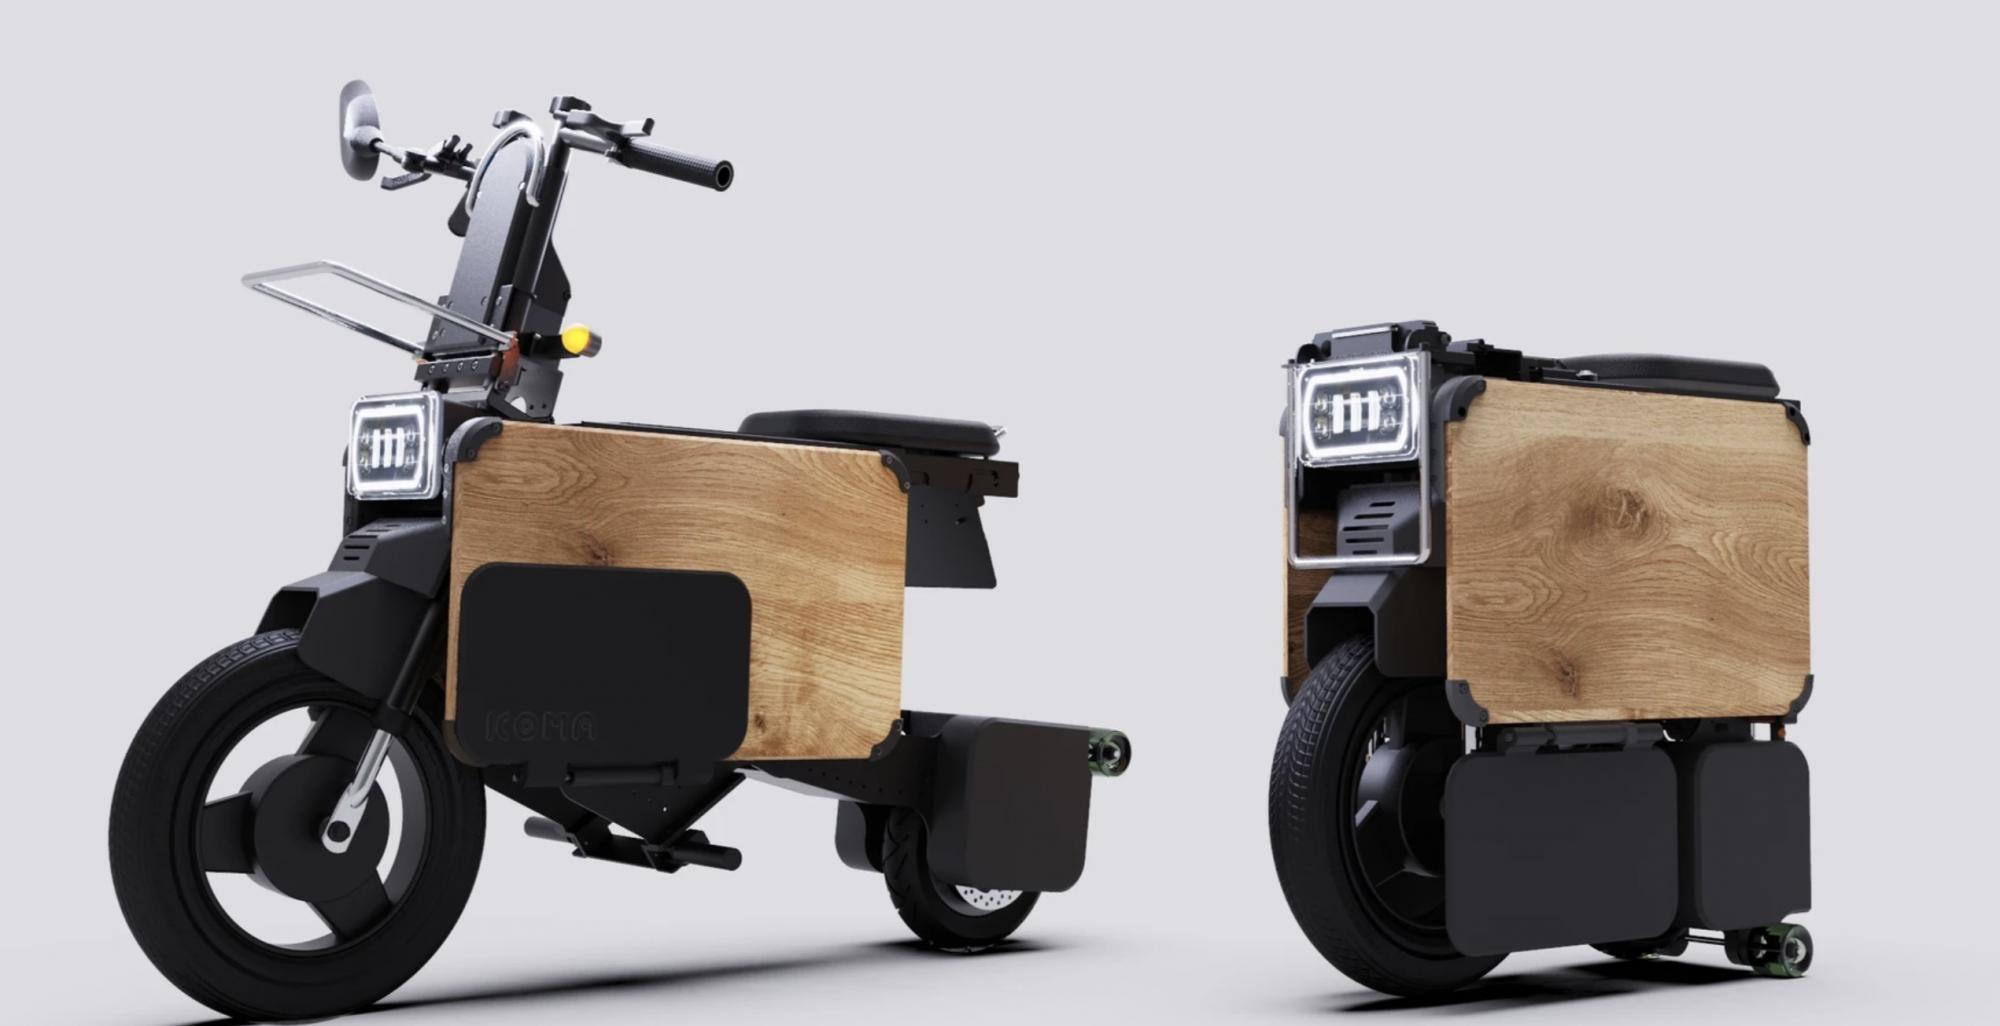 Voici Tatamel, un scooter électrique qui se range sous le bureau